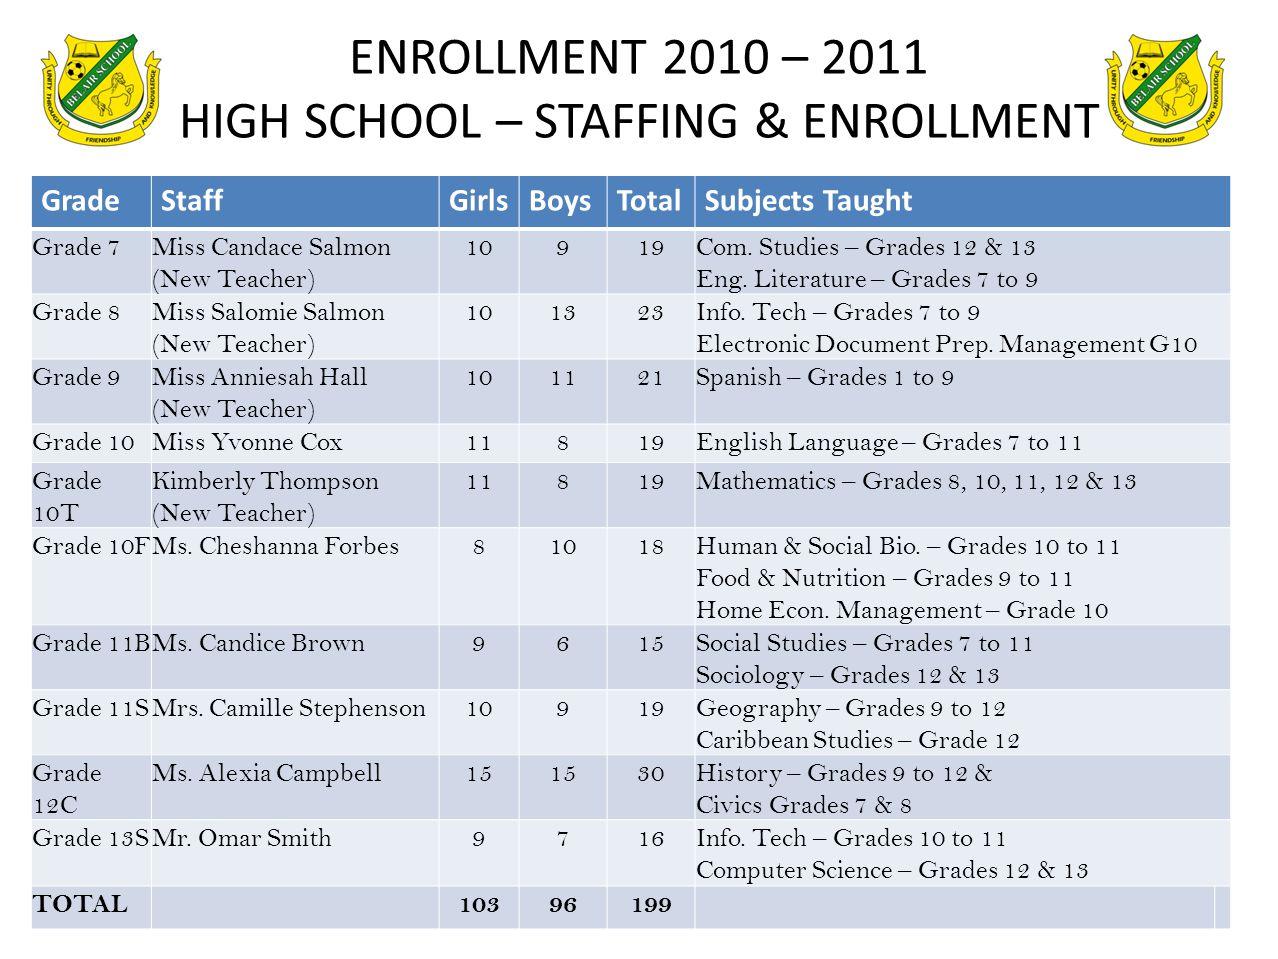 ENROLLMENT 2010 – 2011 HIGH SCHOOL – STAFFING & ENROLLMENT GradeStaffGirlsBoysTotalSubjects Taught Grade 7Miss Candace Salmon (New Teacher) 10919Com.